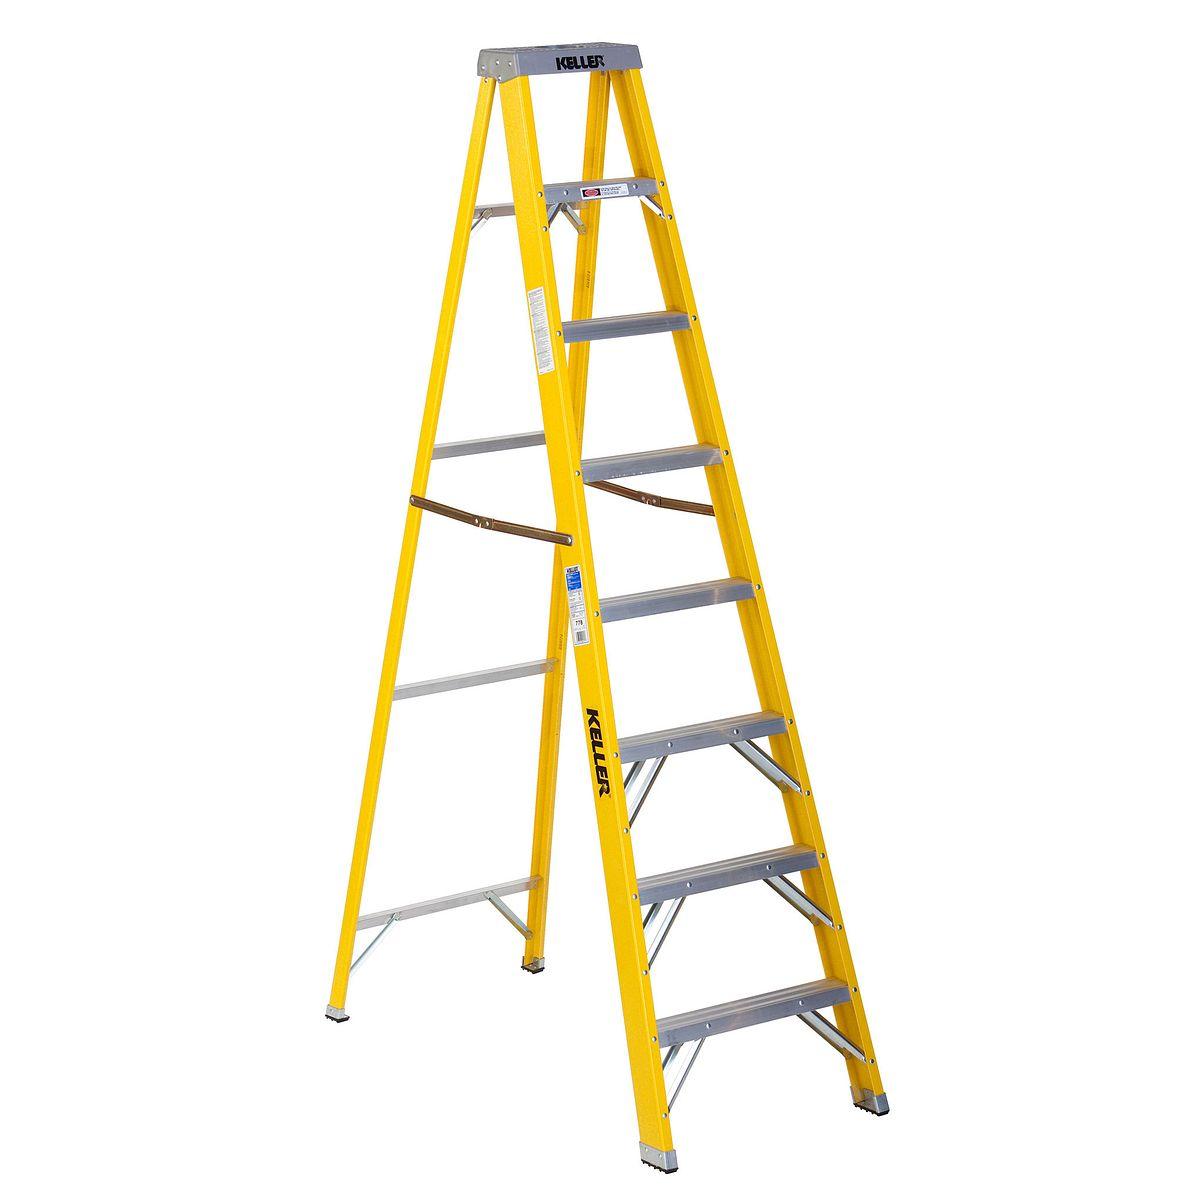 778 Step Ladders Keller Us